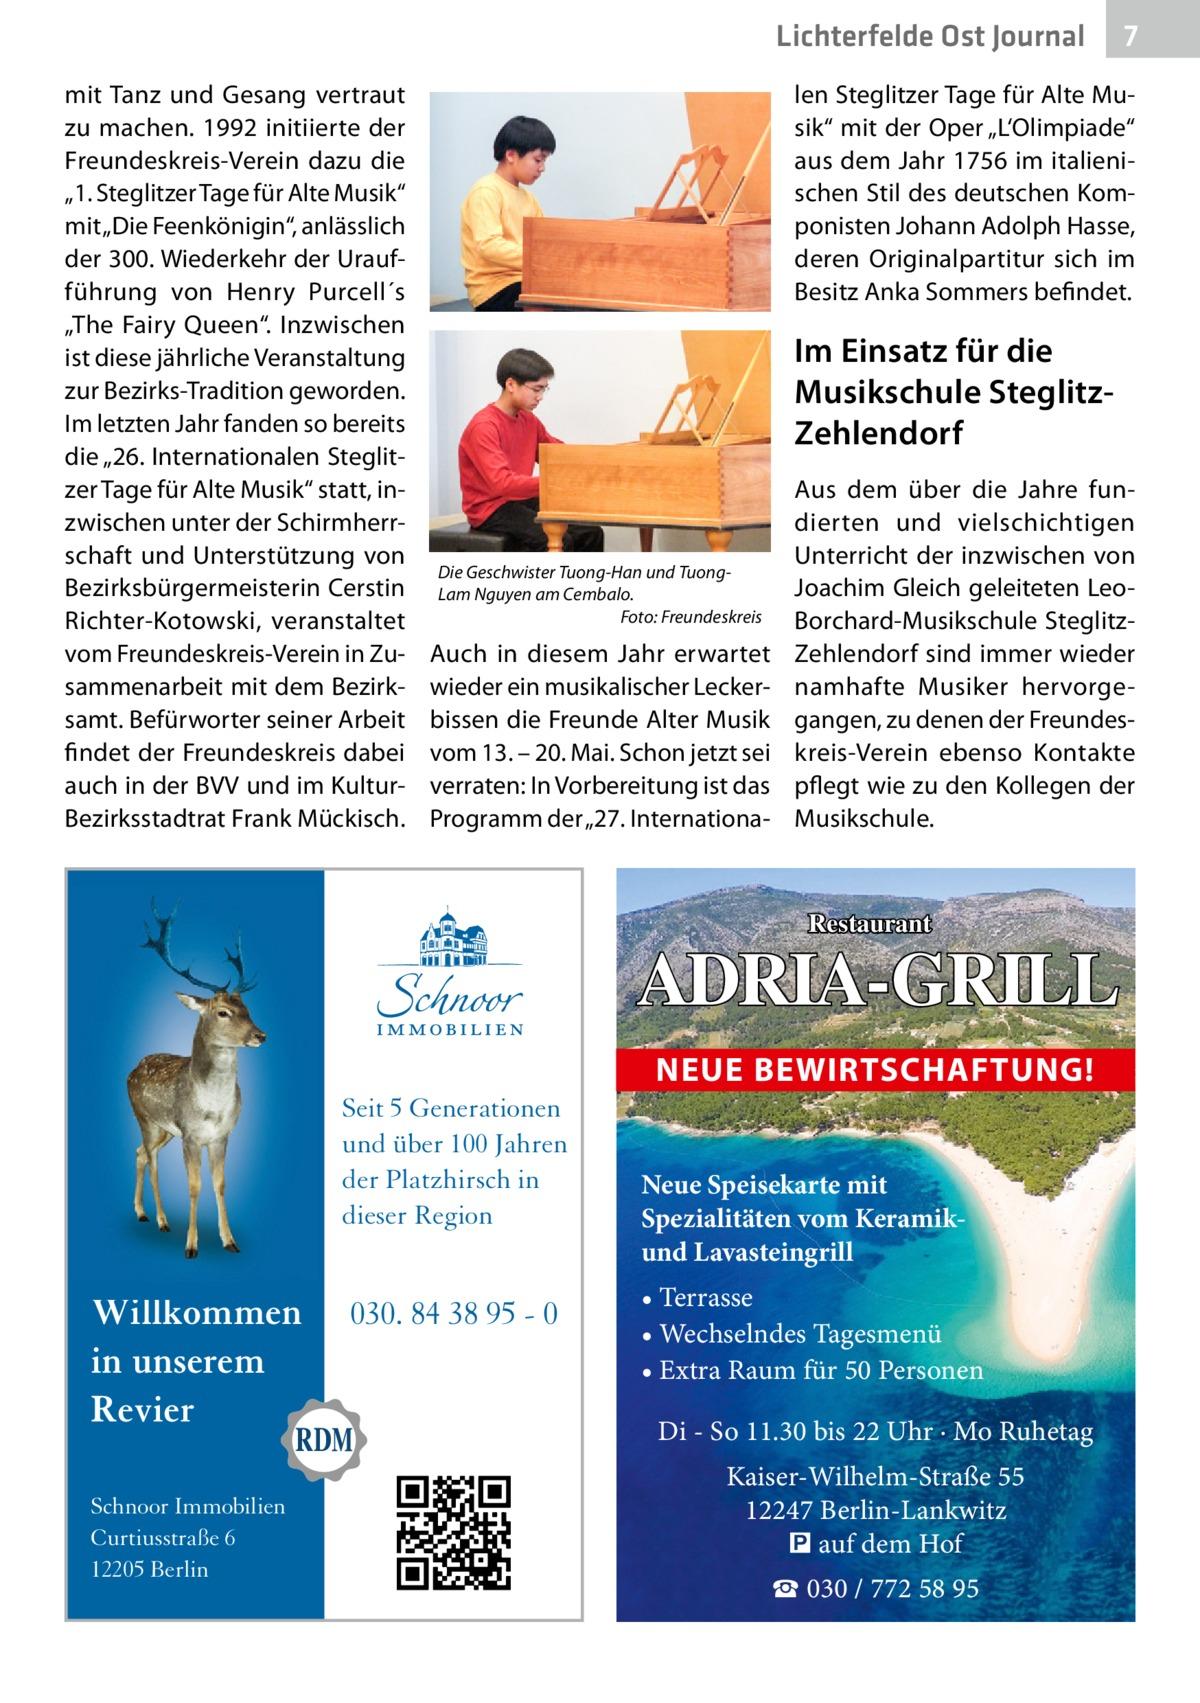 """Lichterfelde Ost Journal mit Tanz und Gesang vertraut zu machen. 1992 initiierte der Freundeskreis-Verein dazu die """"1. Steglitzer Tage für Alte Musik"""" mit """"Die Feenkönigin"""", anlässlich der 300. Wiederkehr der Uraufführung von Henry Purcell´s """"The Fairy Queen"""". Inzwischen ist diese jährliche Veranstaltung zur Bezirks-Tradition geworden. Im letzten Jahr fanden so bereits die """"26. Internationalen Steglitzer Tage für Alte Musik"""" statt, inzwischen unter der Schirmherrschaft und Unterstützung von Bezirksbürgermeisterin Cerstin Richter-Kotowski, veranstaltet vom Freundeskreis-Verein in Zusammenarbeit mit dem Bezirksamt. Befürworter seiner Arbeit findet der Freundeskreis dabei auch in der BVV und im KulturBezirksstadtrat Frank Mückisch.  len Steglitzer Tage für Alte Musik"""" mit der Oper """"L'Olimpiade"""" aus dem Jahr 1756 im italienischen Stil des deutschen Komponisten Johann Adolph Hasse, deren Originalpartitur sich im Besitz Anka Sommers befindet.  Im Einsatz für die Musikschule SteglitzZehlendorf  Die Geschwister Tuong-Han und TuongLam Nguyen am Cembalo. � Foto: Freundeskreis  Auch in diesem Jahr erwartet wieder ein musikalischer Leckerbissen die Freunde Alter Musik vom 13. – 20.Mai. Schon jetzt sei verraten: In Vorbereitung ist das Programm der """"27. Internationa Aus dem über die Jahre fundierten und vielschichtigen Unterricht der inzwischen von Joachim Gleich geleiteten LeoBorchard-Musikschule SteglitzZehlendorf sind immer wieder namhafte Musiker hervorgegangen, zu denen der Freundeskreis-Verein ebenso Kontakte pflegt wie zu den Kollegen der Musikschule.  Restaurant  ADRIA-GRILL NEUE BEWIRTSCHAFTUNG! Seit 5 Generationen und über 100 Jahren der Platzhirsch in dieser Region  Willkommen in unserem Revier Schnoor Immobilien Curtiusstraße 6 12205 Berlin  7 7  030. 84 38 95 - 0  Neue Speisekarte mit Spezialitäten vom Keramikund Lavasteingrill • Terrasse • Wechselndes Tagesmenü • Extra Raum für 50 Personen  Di - So 11.30 bis 22 Uhr · Mo Ruhetag Kaiser-Wilhelm-Straße 55 12247 Berlin"""